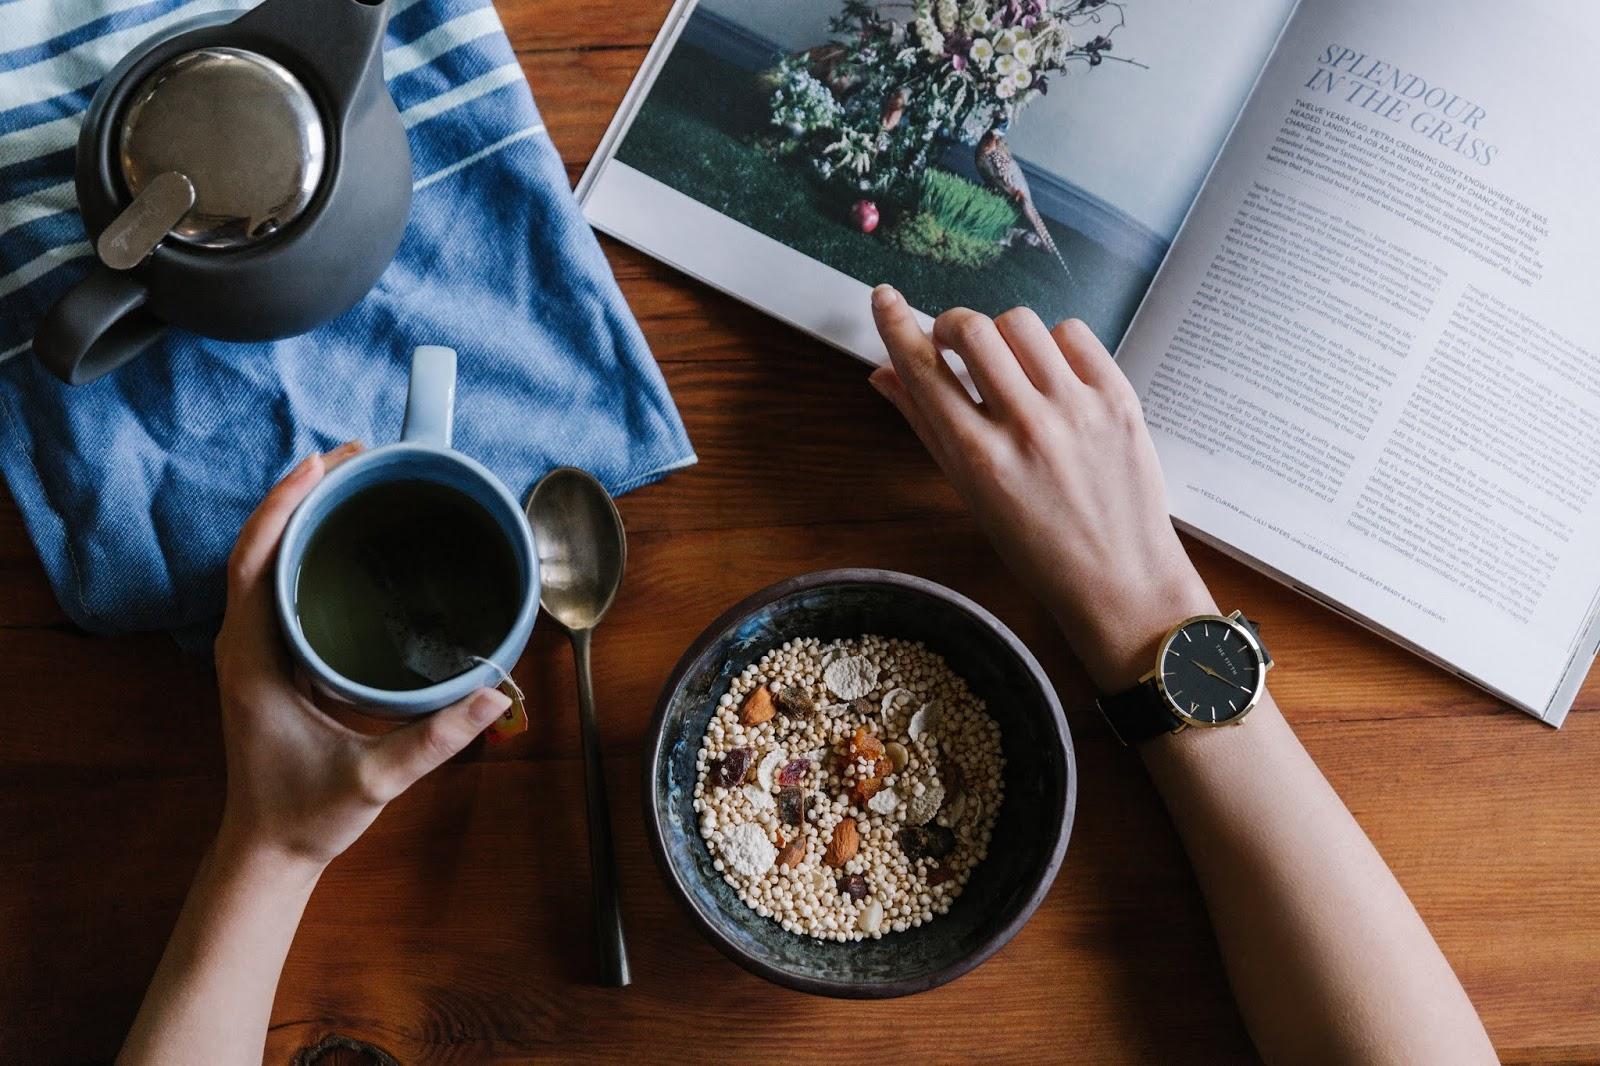 jak przejść na dietę jak nie podjadać na diecie jaką dietę wybrać ile kosztuje dieta redukcyjna kod zniżkowy chcę schudnąć jak szybko schudnąć bez efektu jojo chudnięcie cała prawda o diecie miesiąc diety moje wrażenia blog